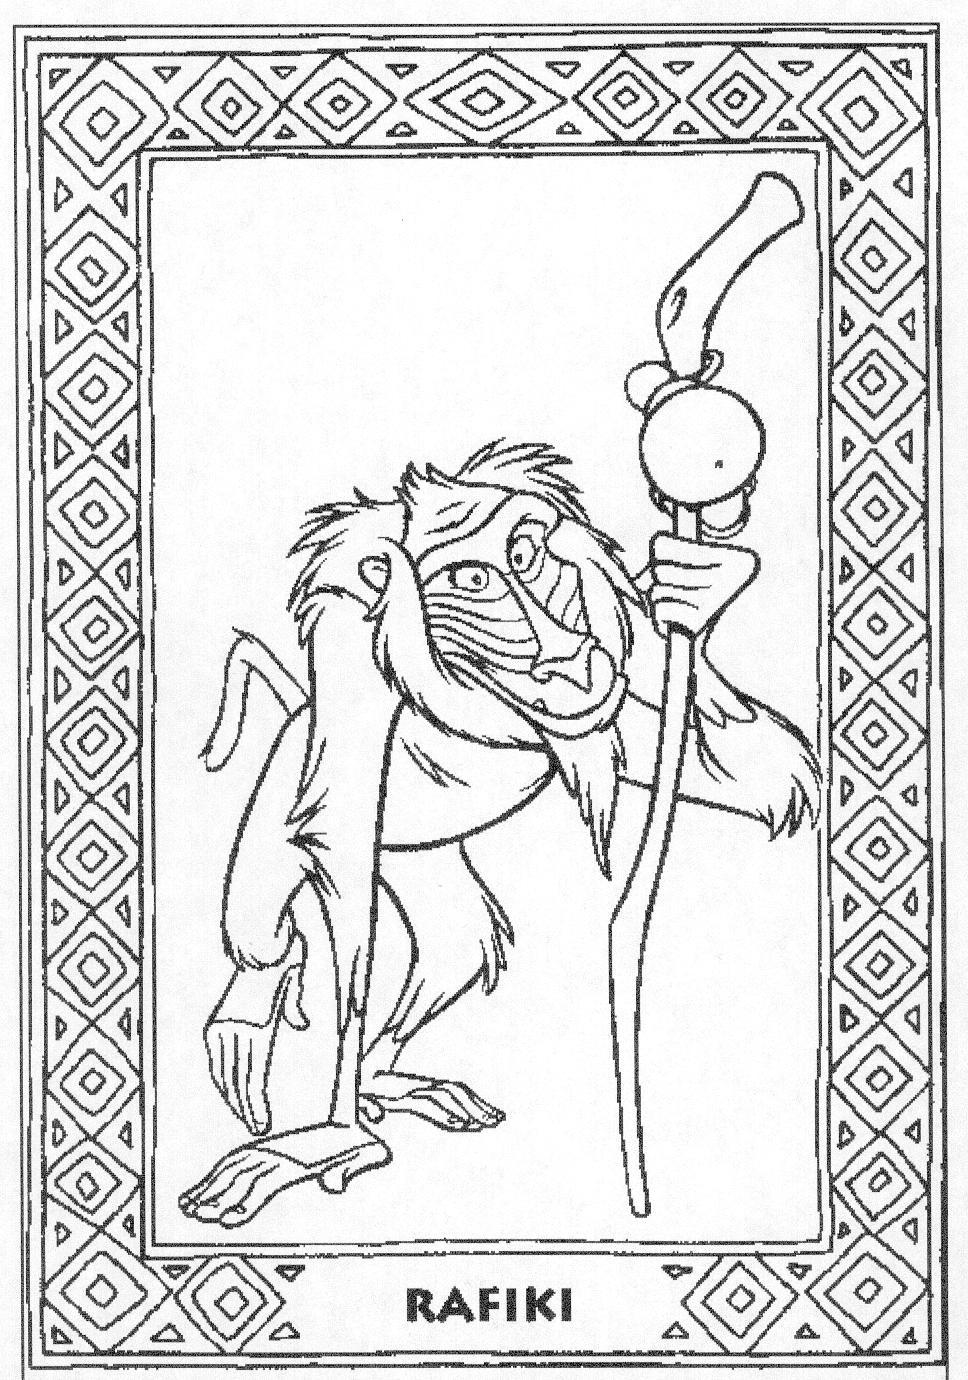 Kleurplaten Van De Leeuwenkoning.De Leeuwenkoning Kleurplaten Disneykleurplaten Com